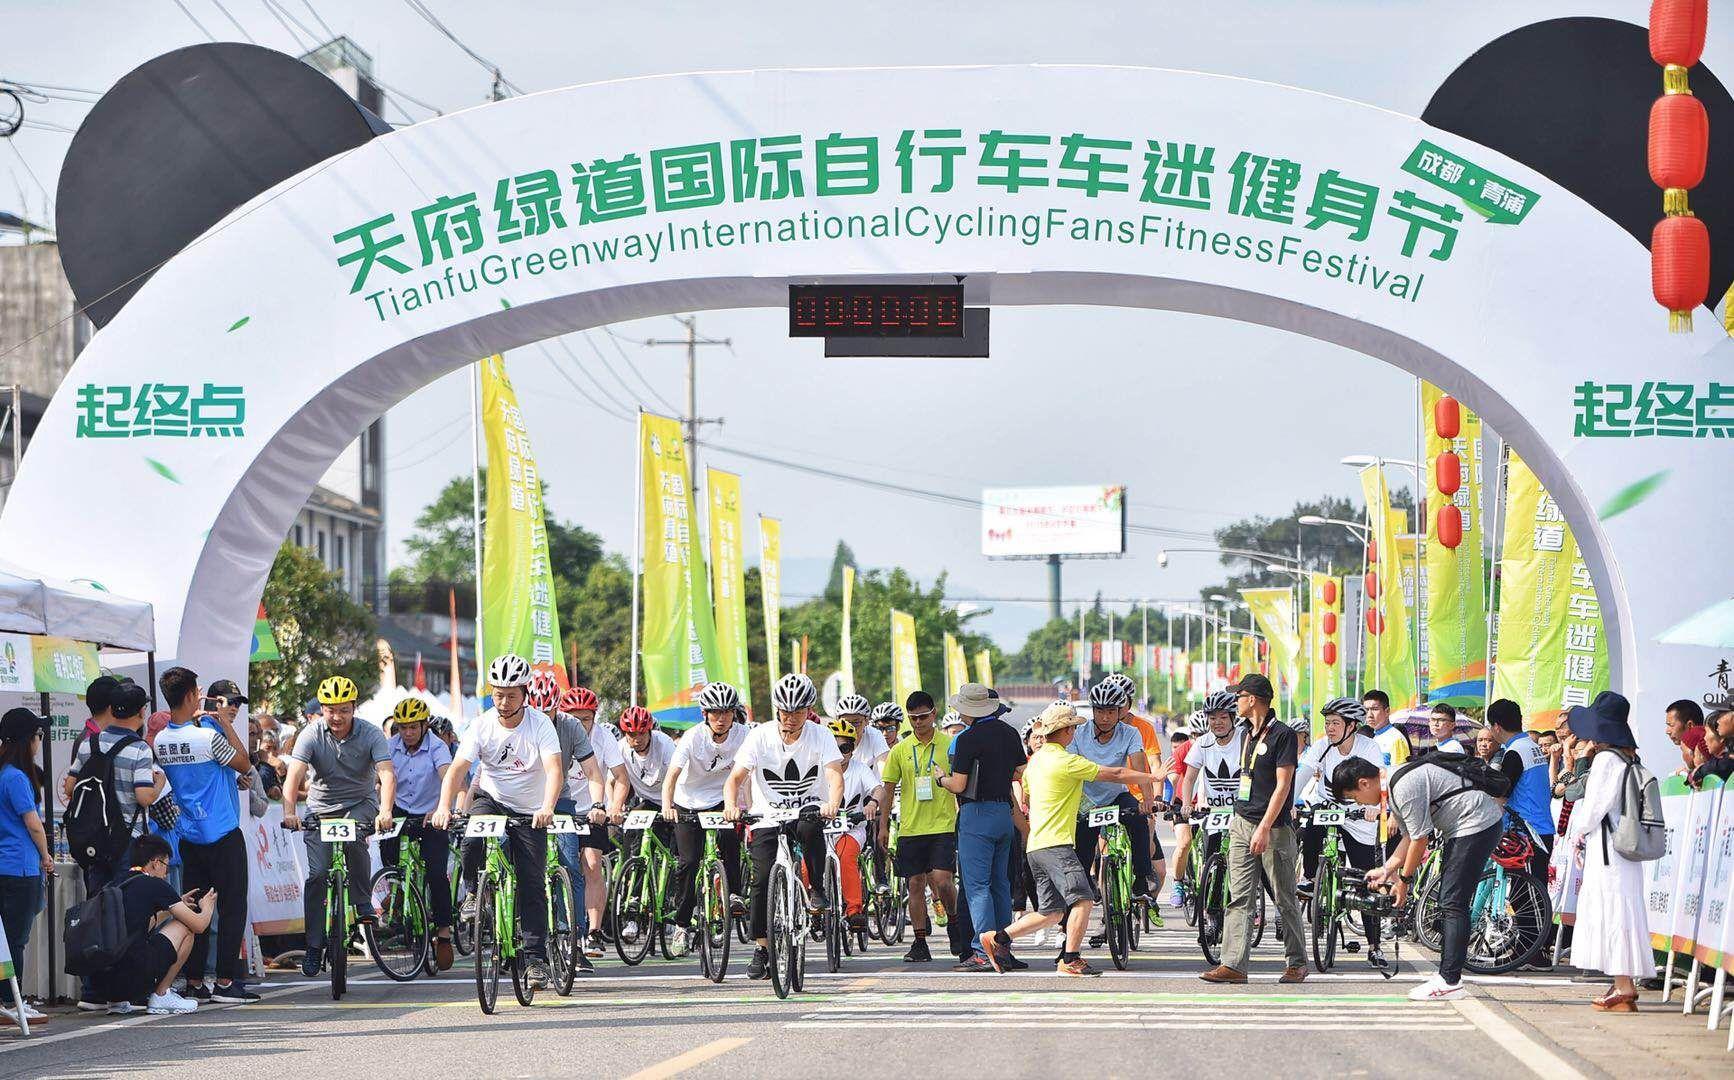 第一站4月16日启航 天府绿道国际自行车车迷健身节来了!